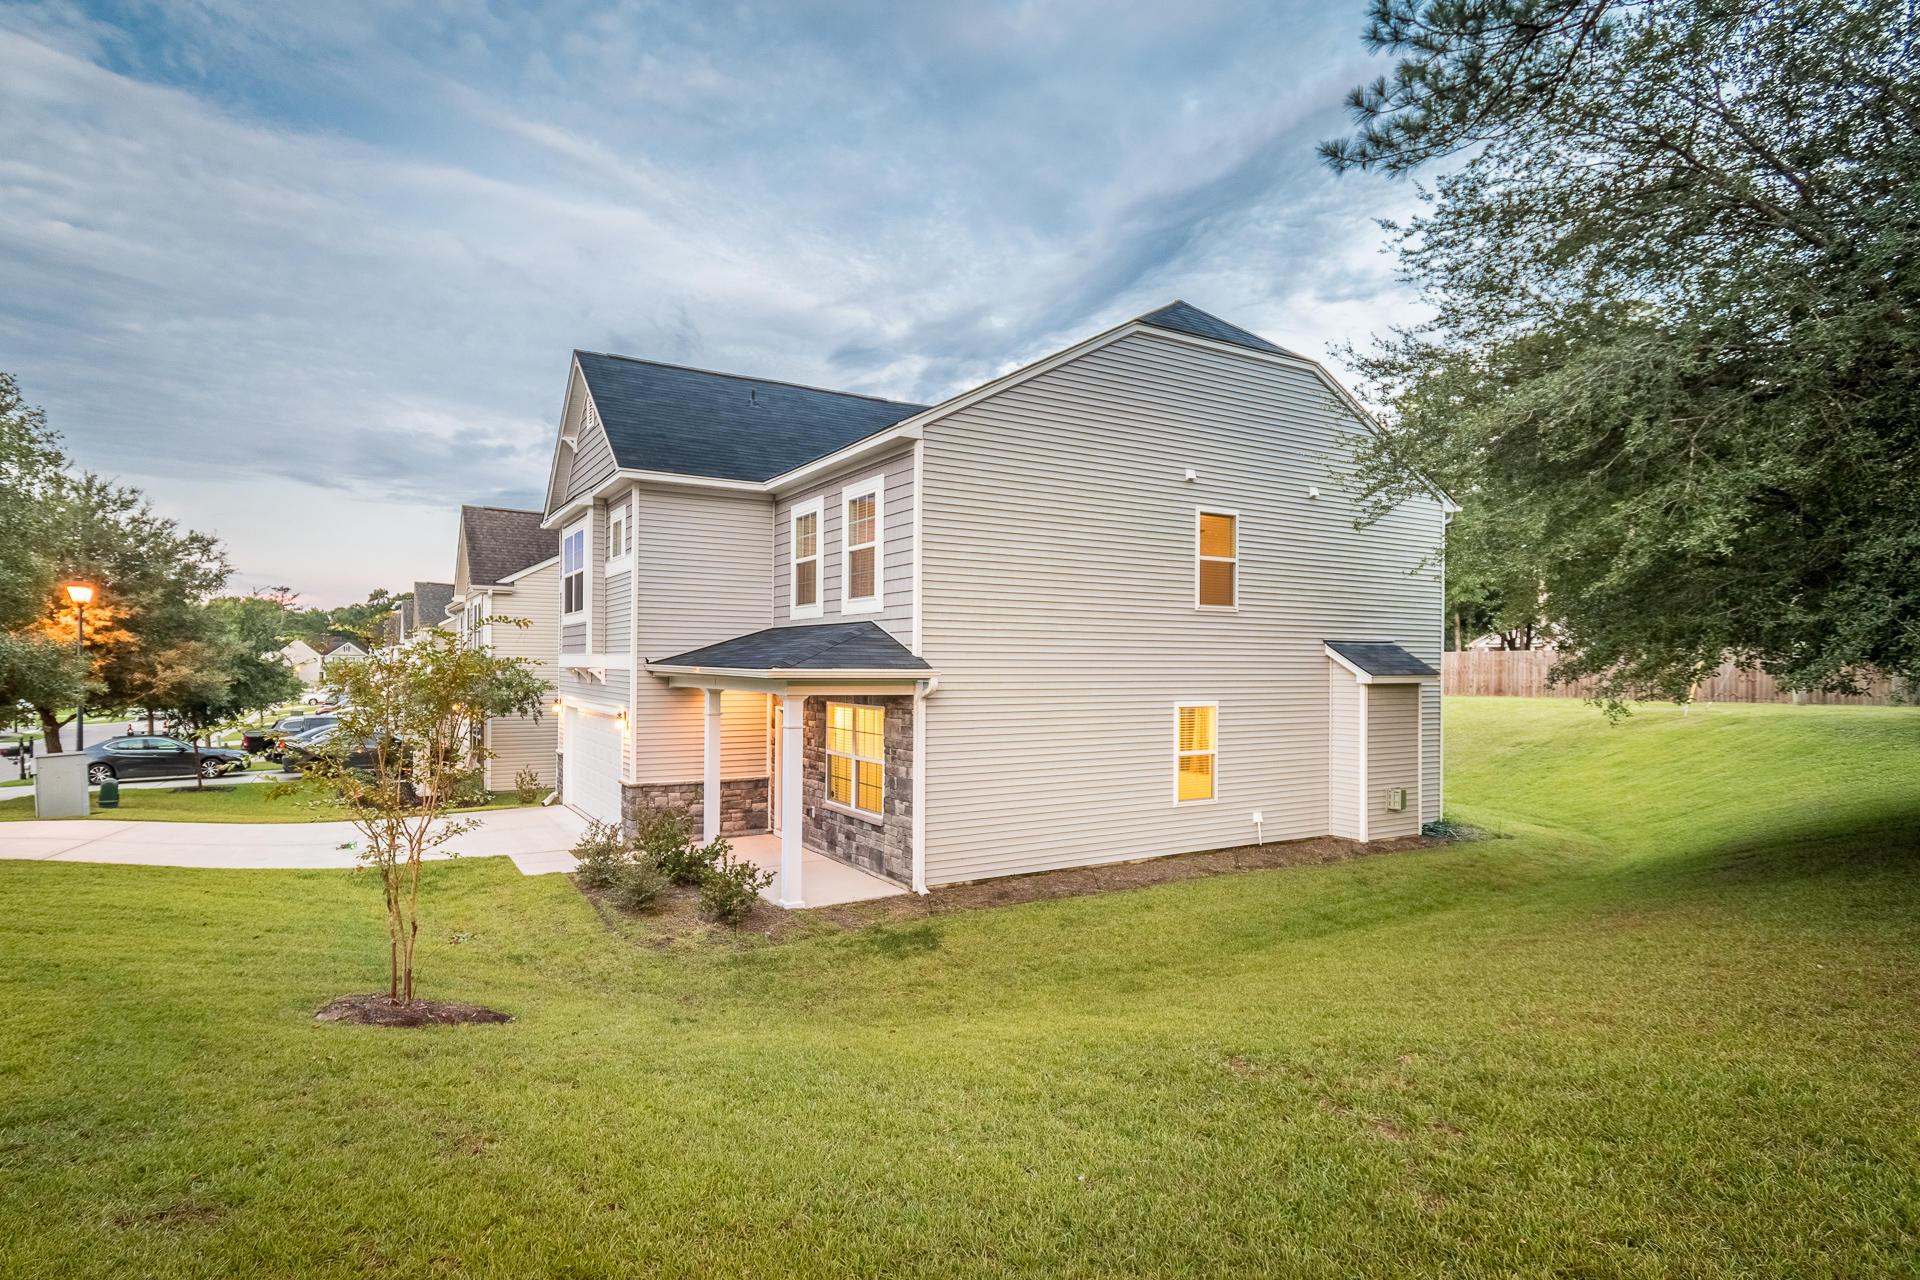 Sunnyfield Homes For Sale - 100 Medford, Summerville, SC - 4